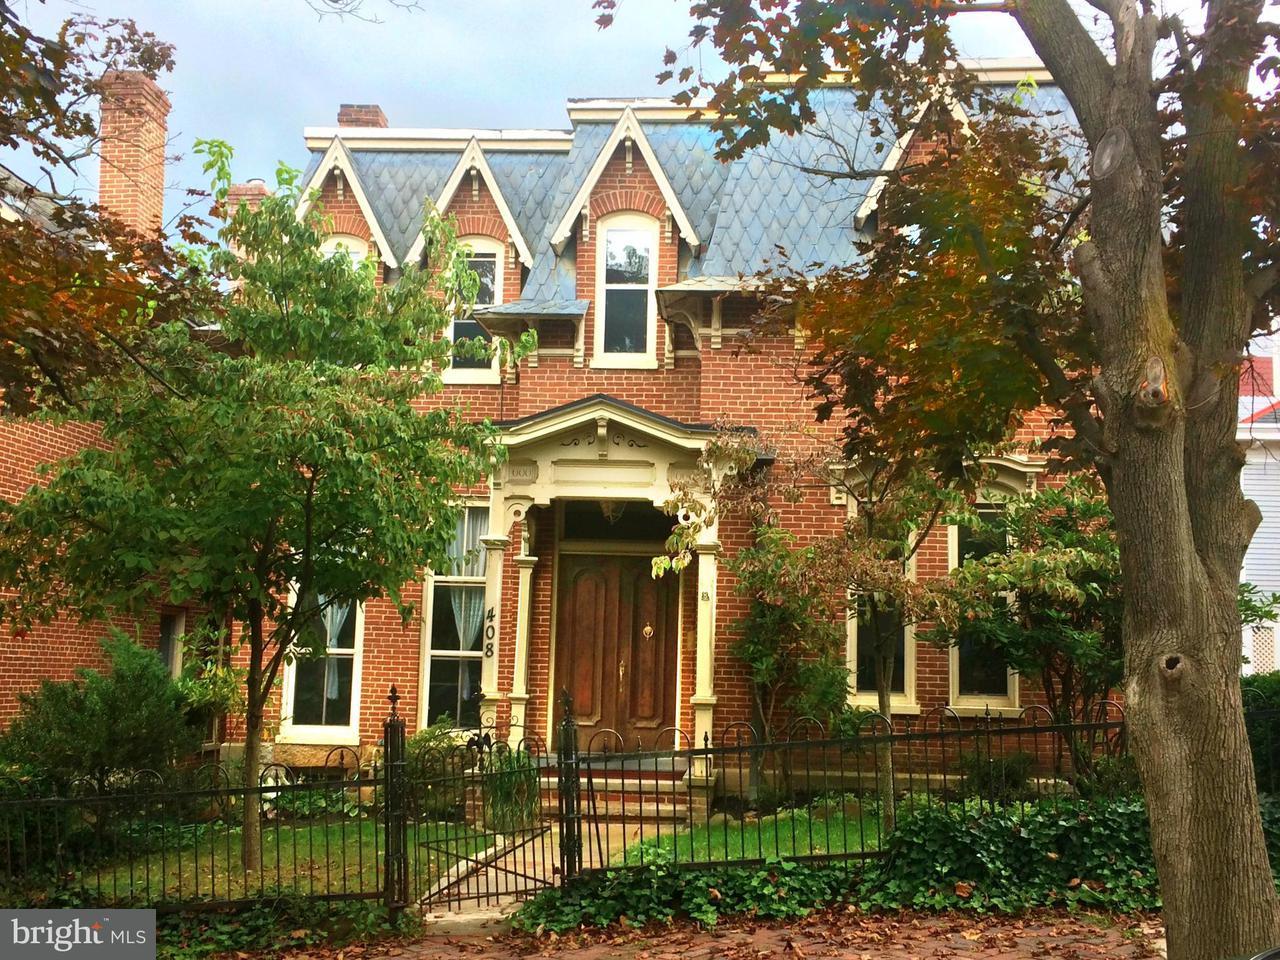 Single Family for Sale at 408 Washington St Cumberland, Maryland 21502 United States